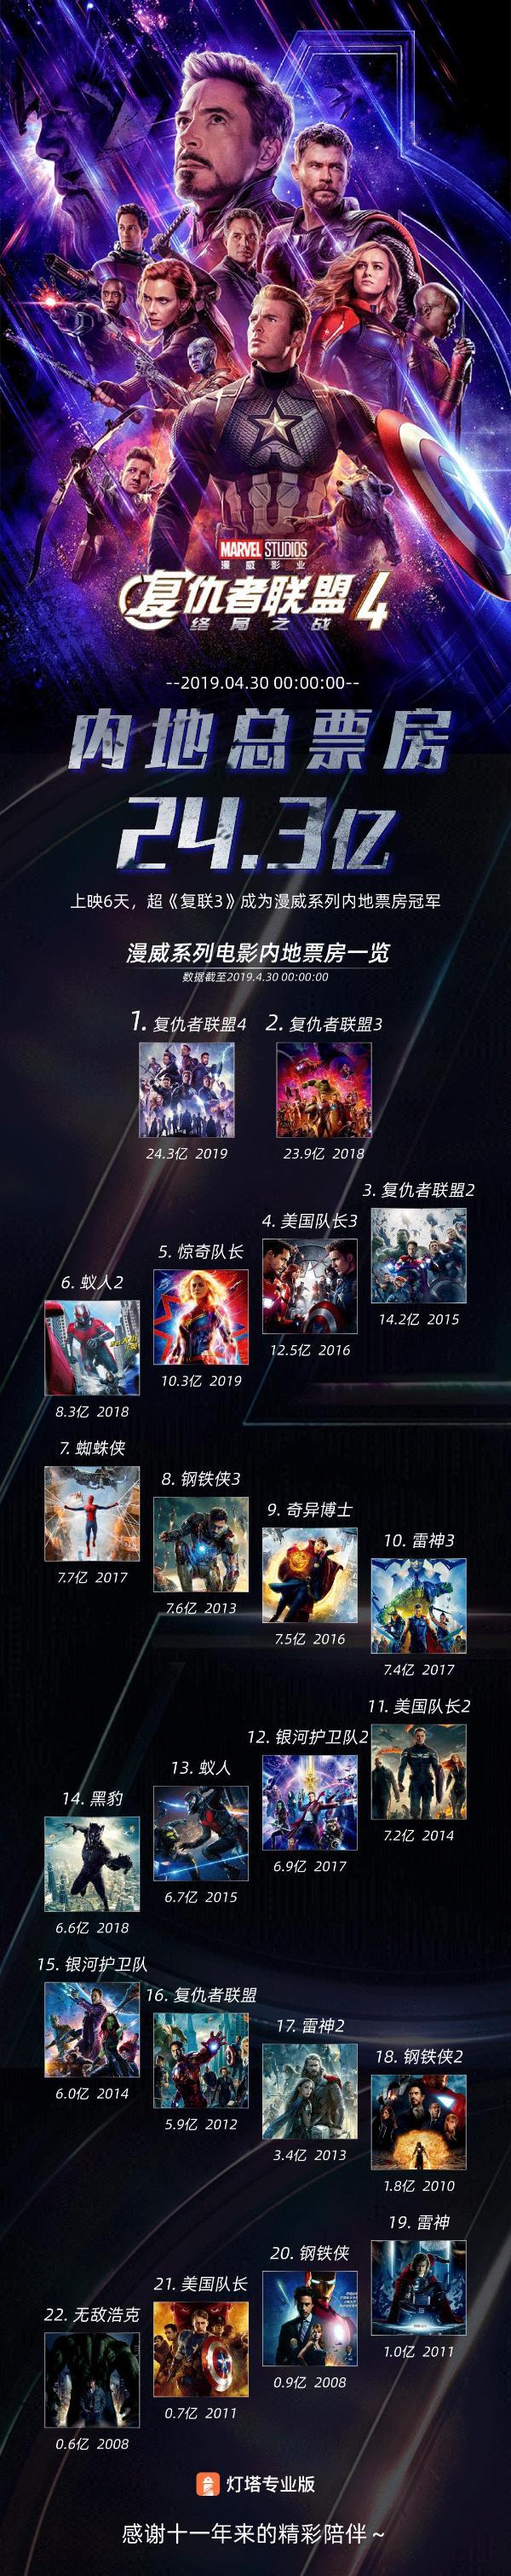 英雄集结,《复联4》票房破24亿元,成漫威系在内地最卖座电影!